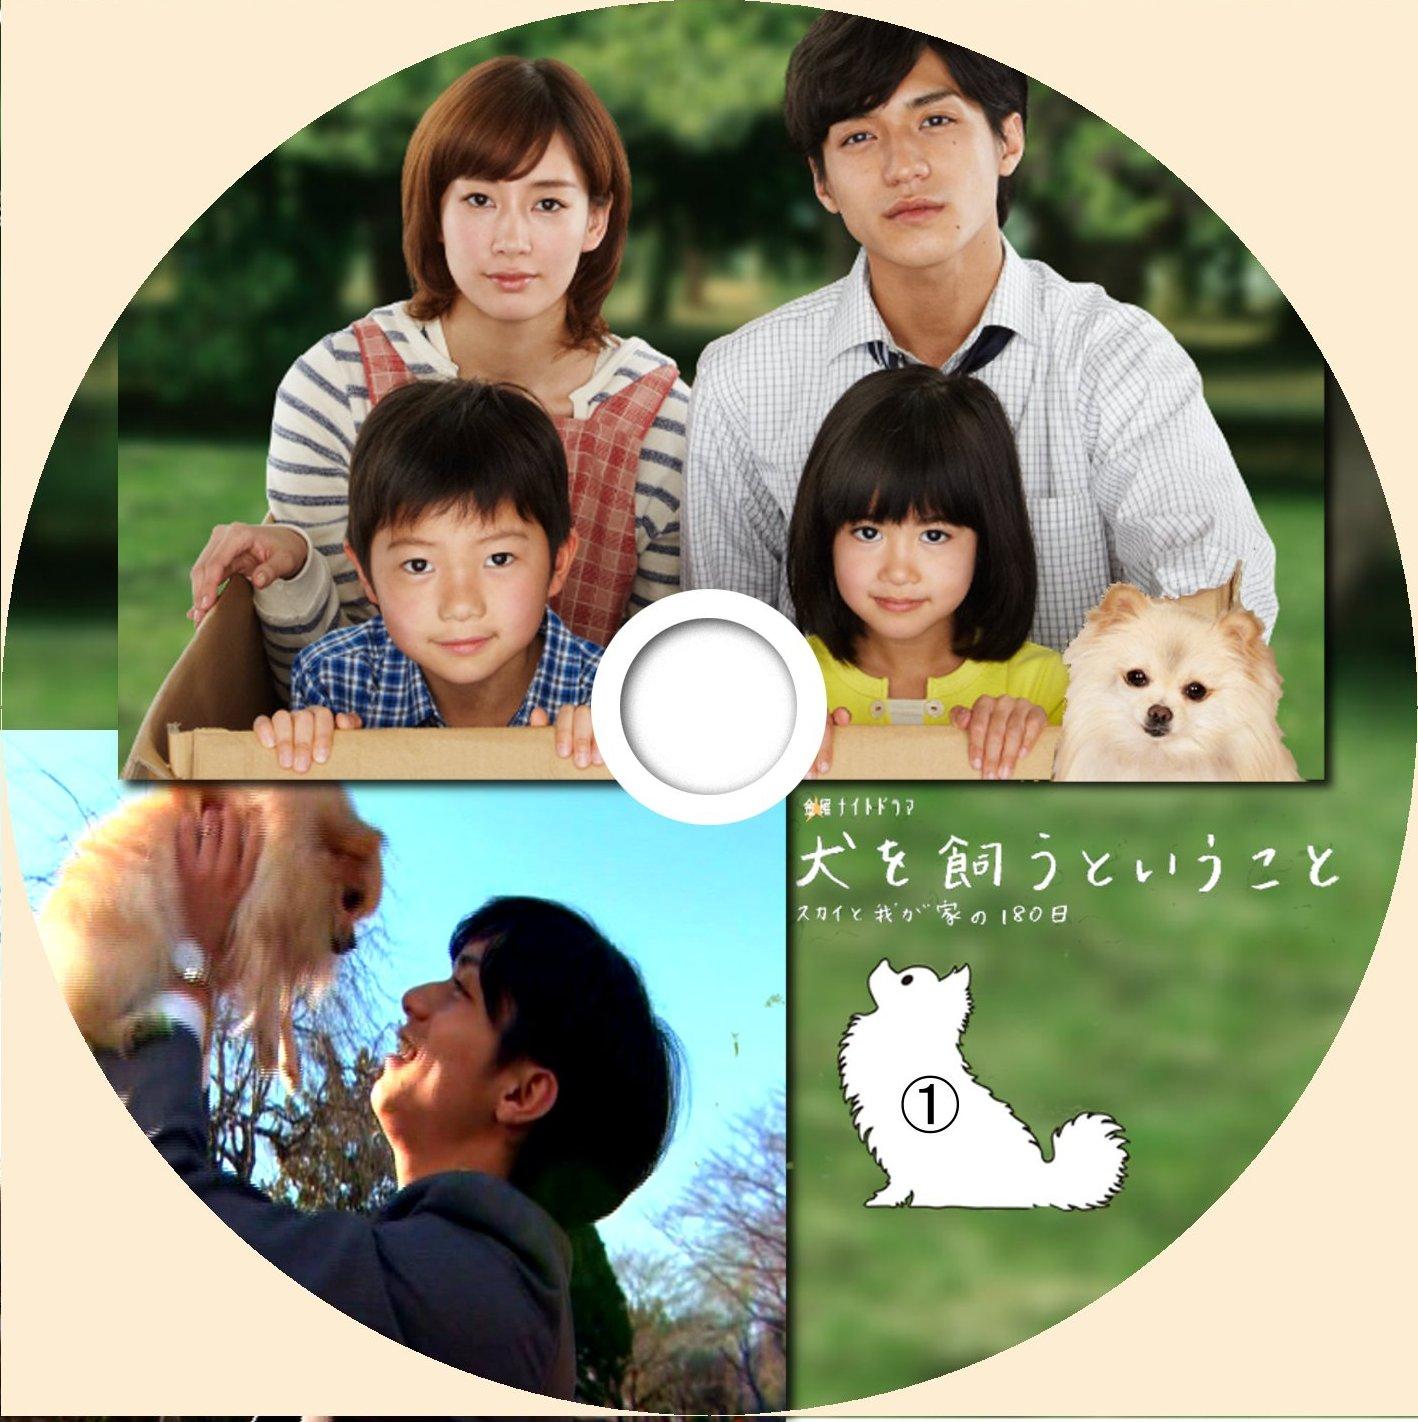 犬を飼うということ〜スカイと我が家の180日〜 の ラベル:くまラベル ... : 関ジャニ∞のCD・DVDラベル画像リンク集 - NAVER まとめ